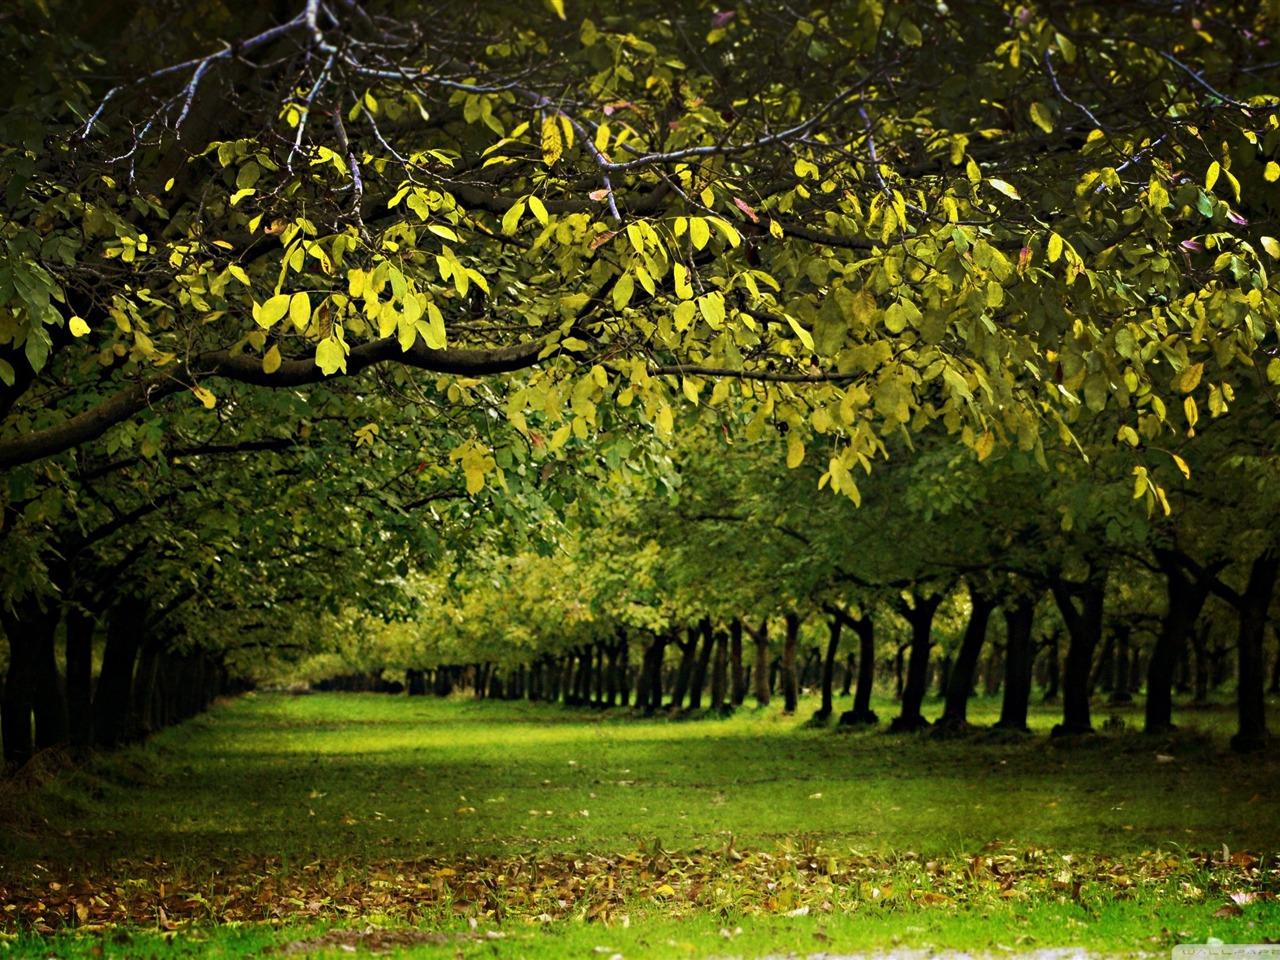 在秋季的核桃果园 秋季风景桌面壁纸图片